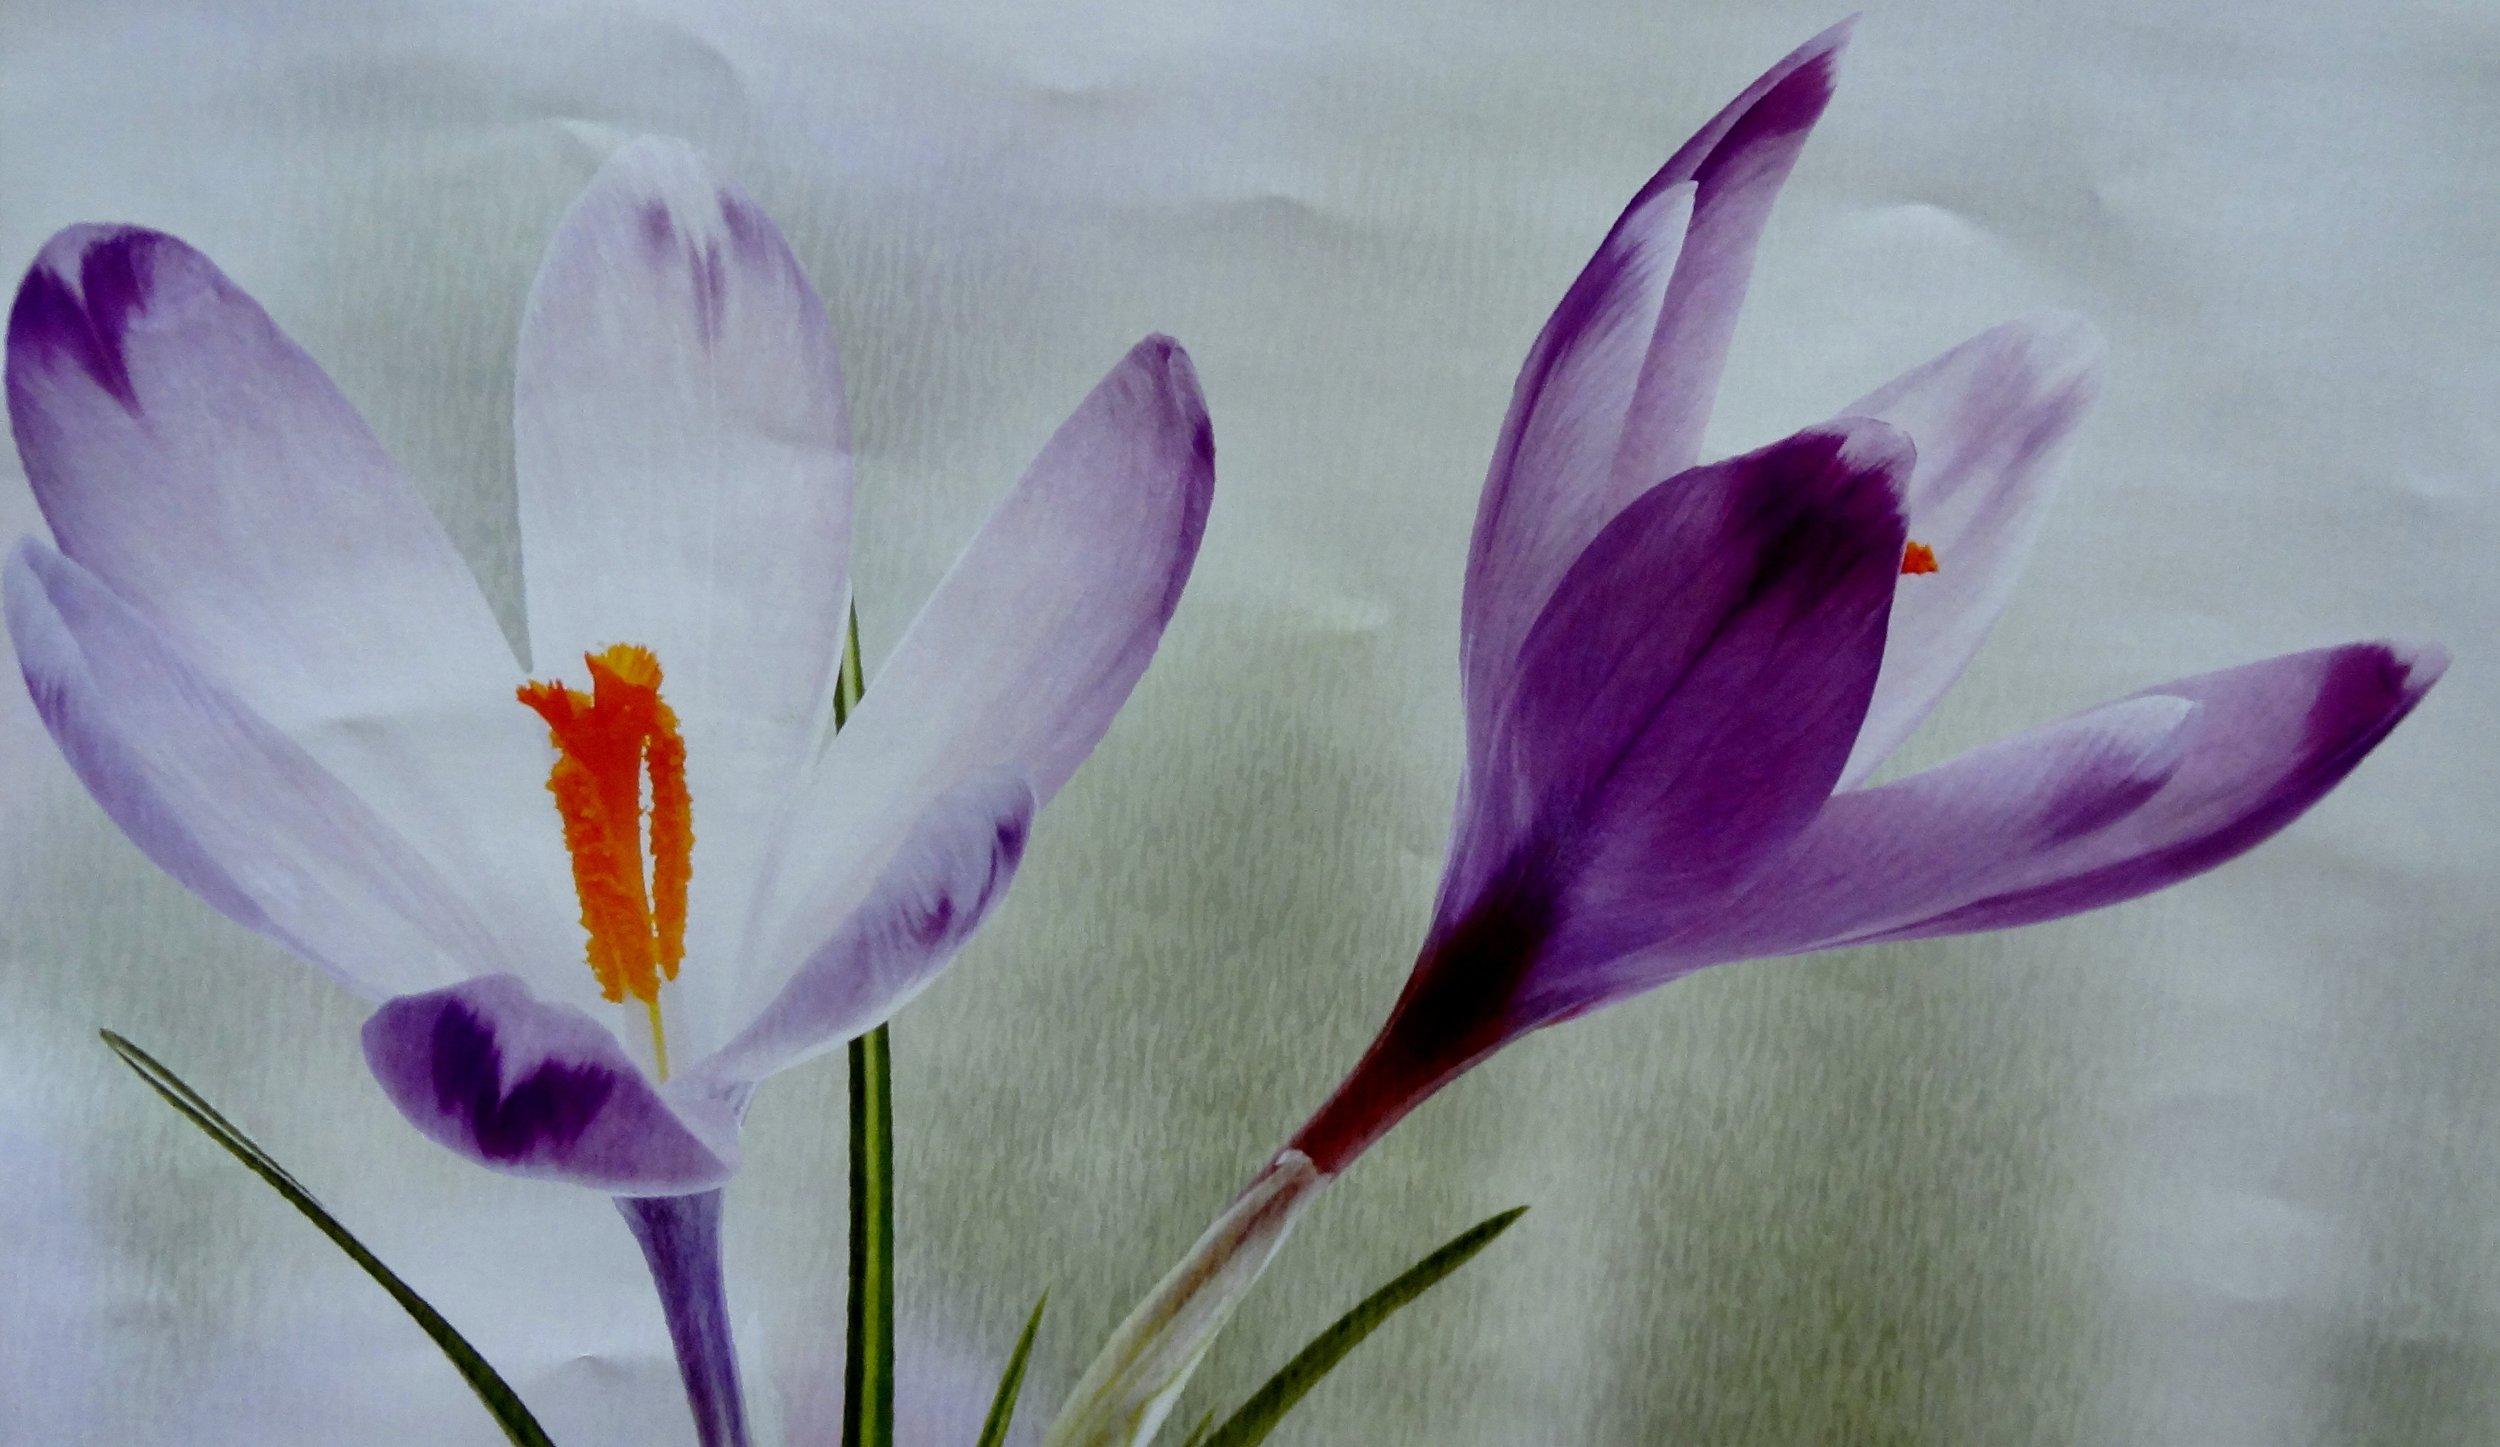 saffron-flower-250561.jpg